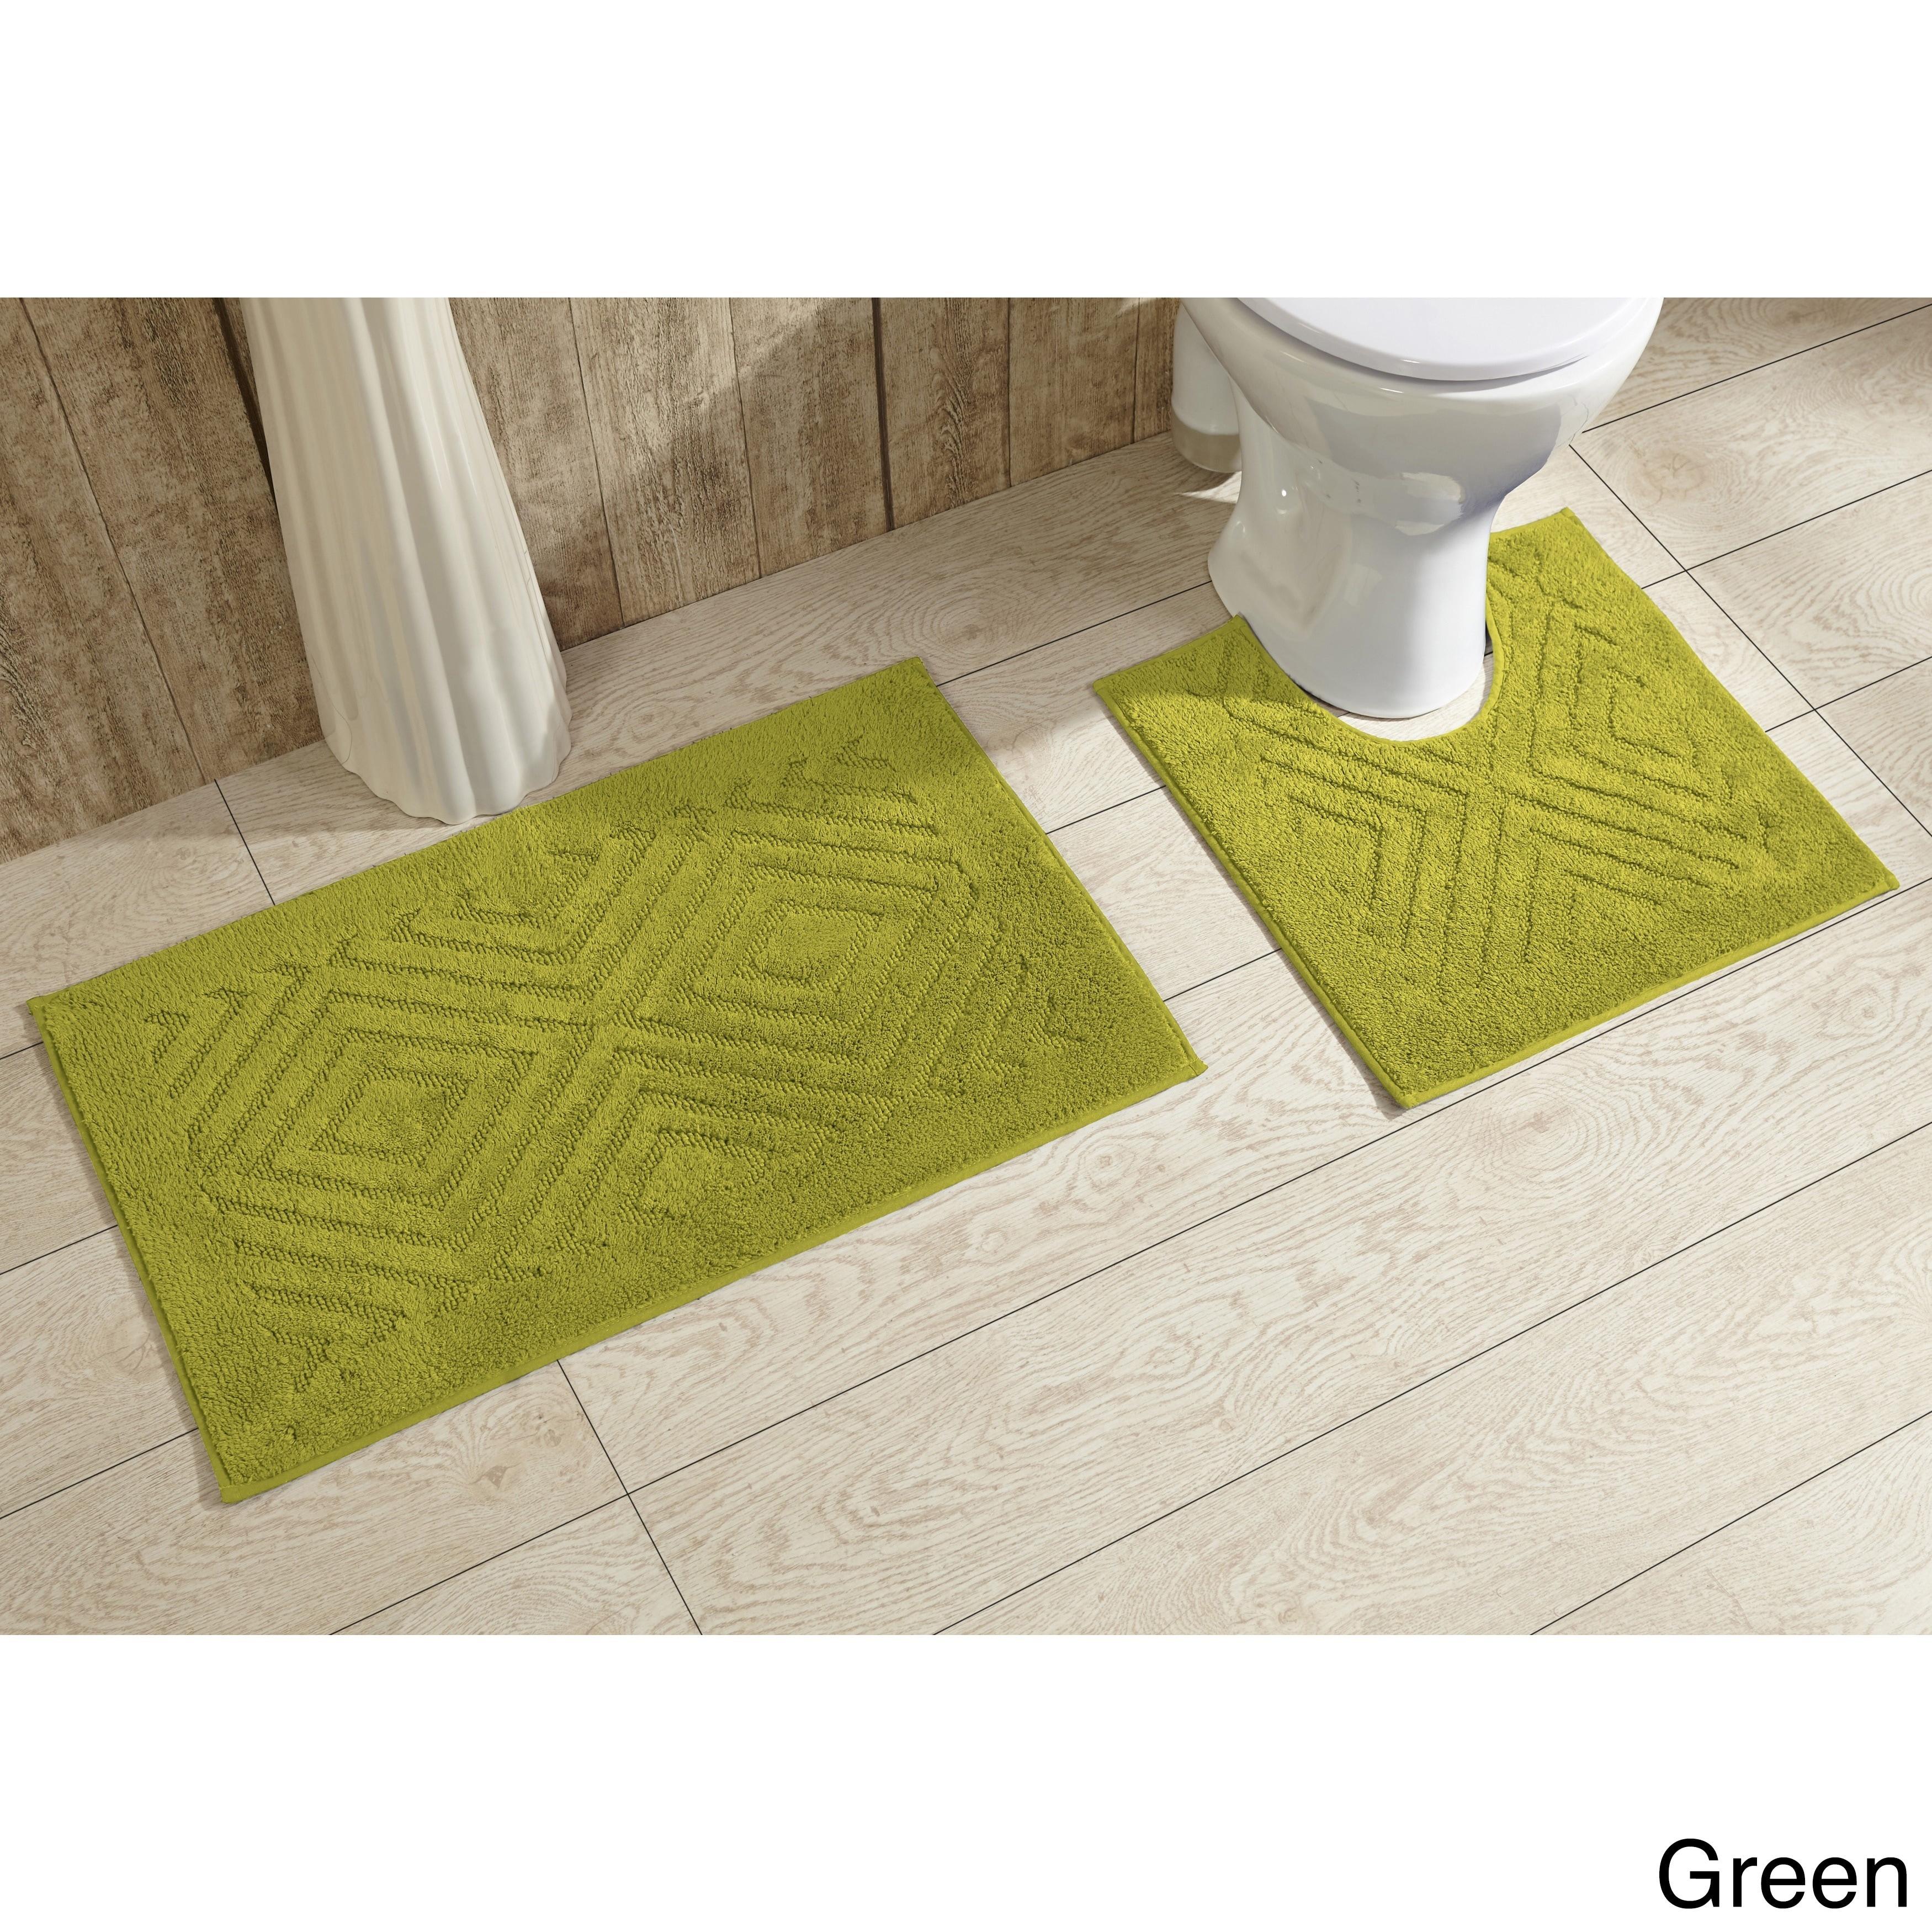 Green Bath Rugs Mats Find Great Towels Deals Ping At Com